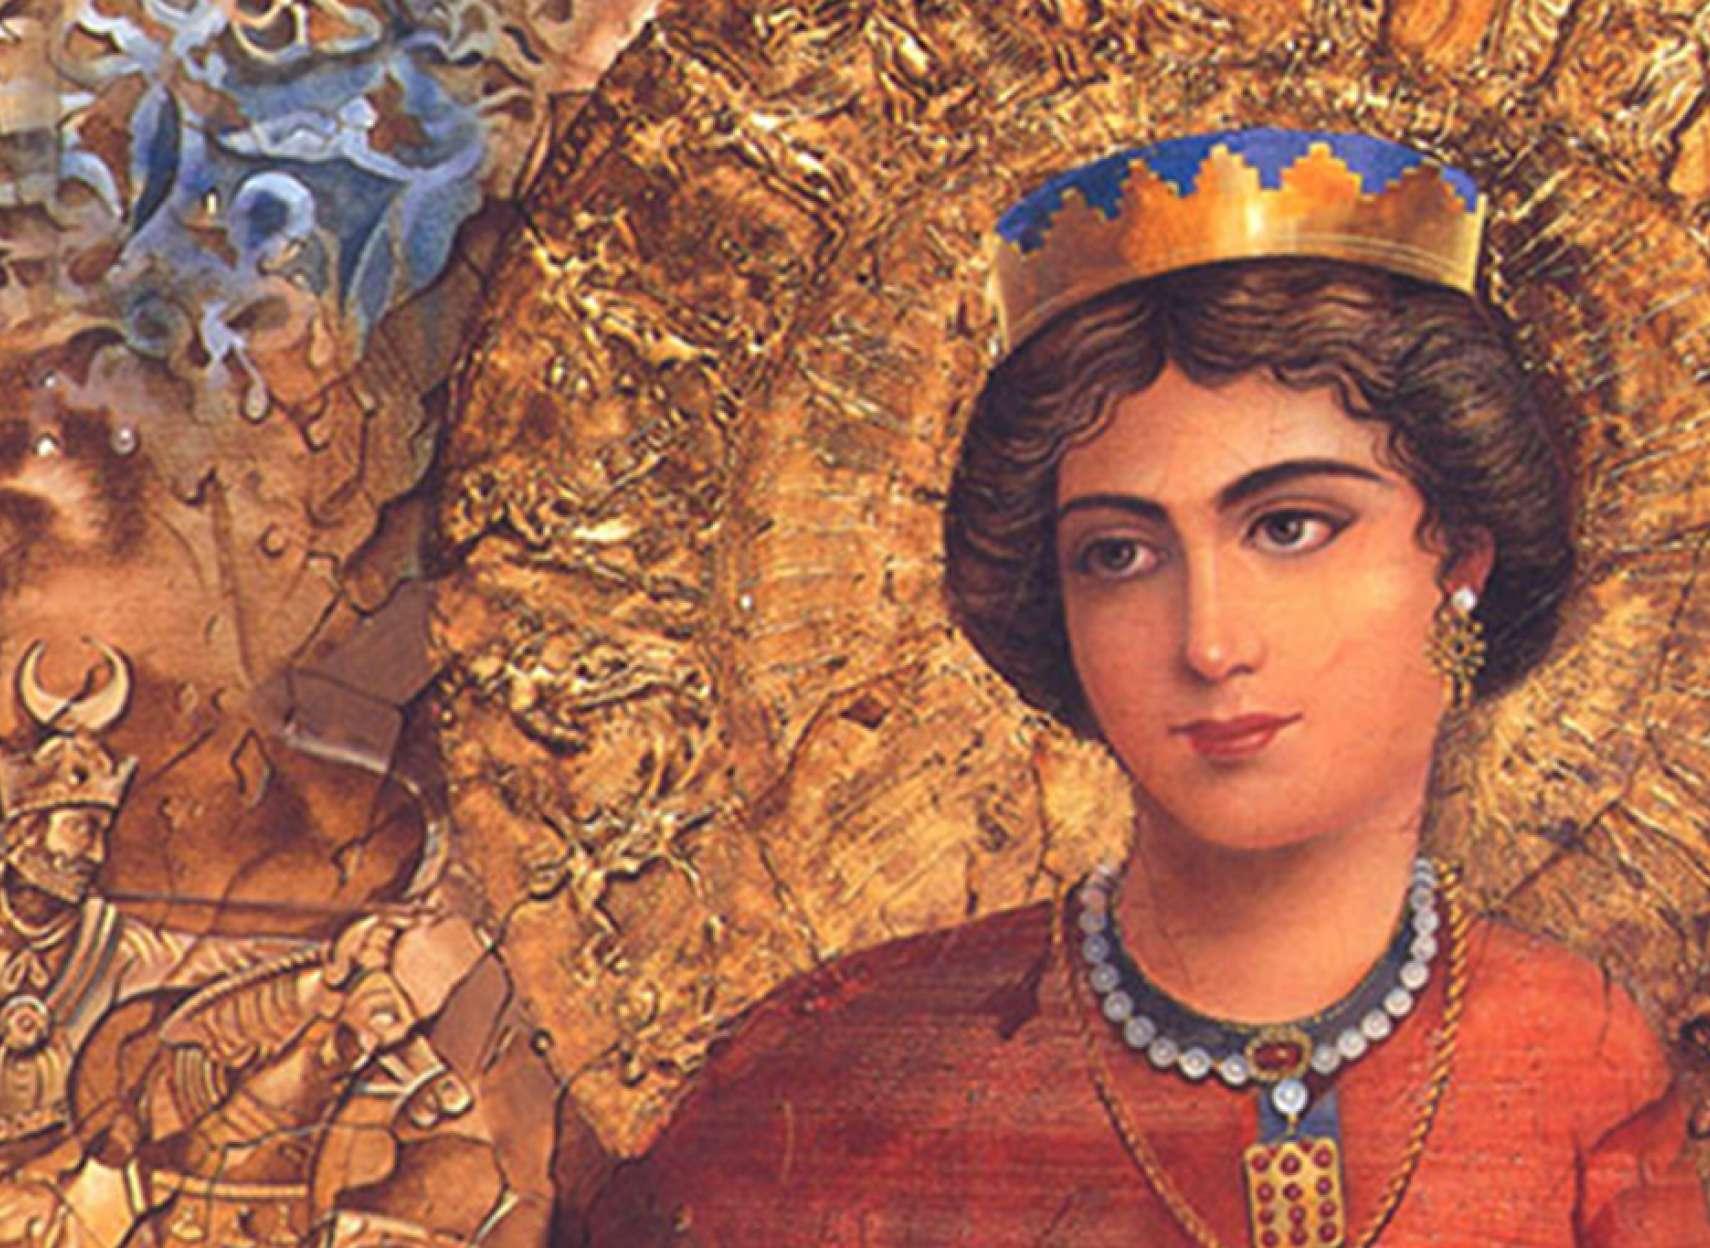 ادبیات-گلمحمدی-تاریخ-اساطیری-کیانیان